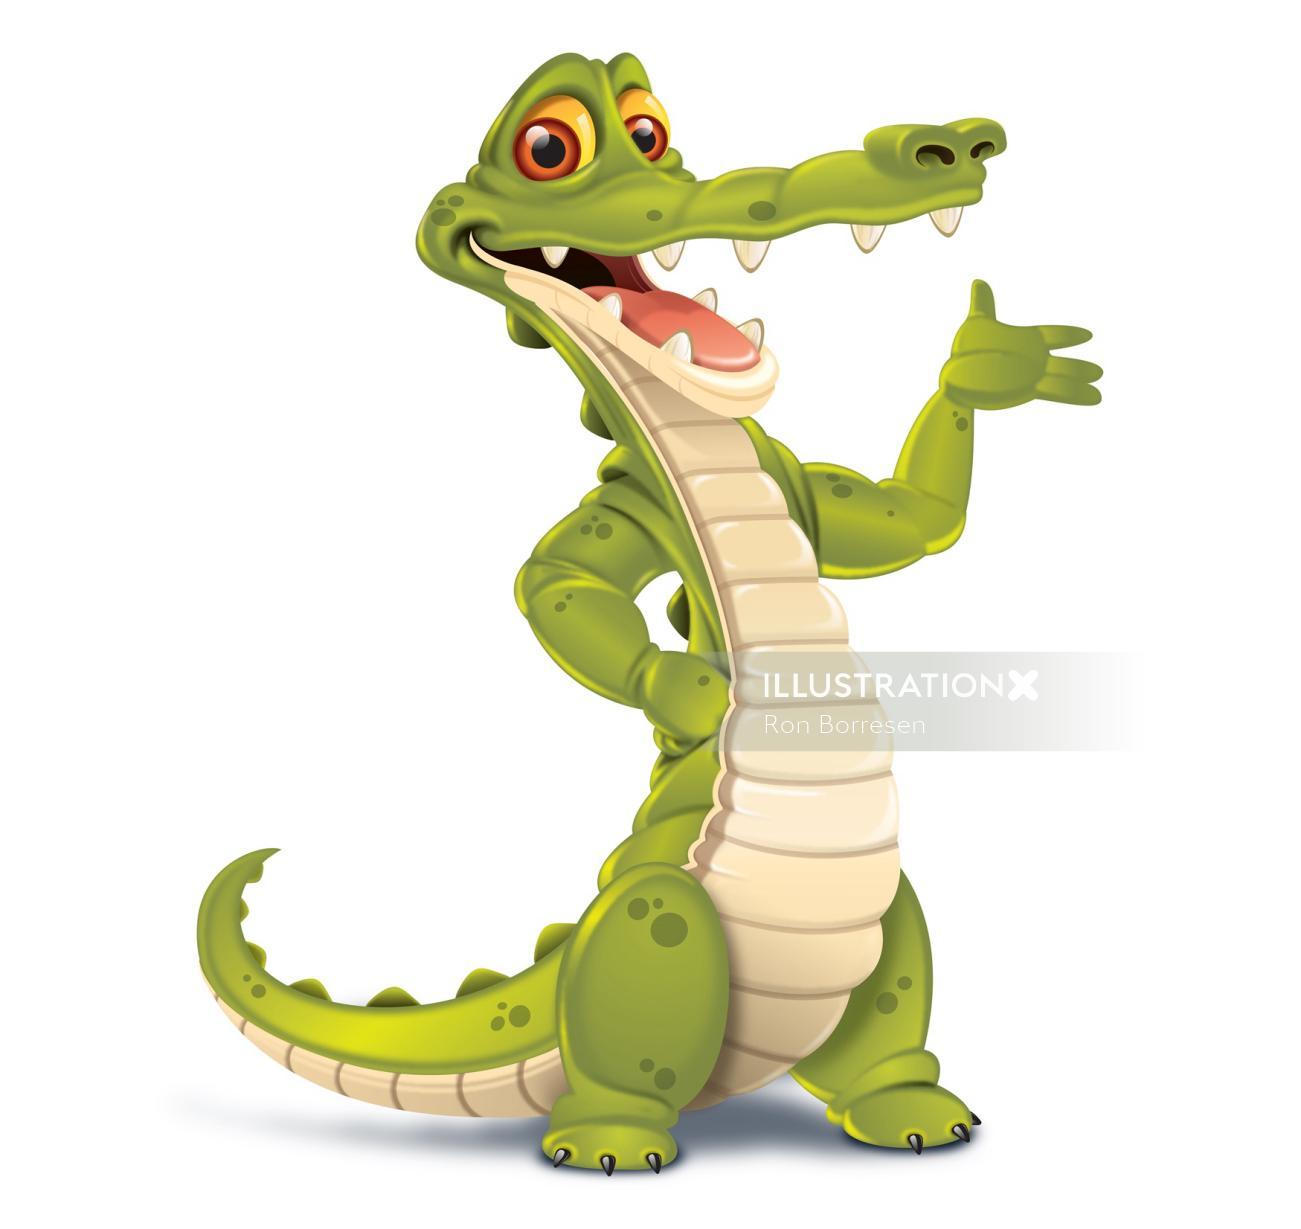 Character design of smiley crocodile